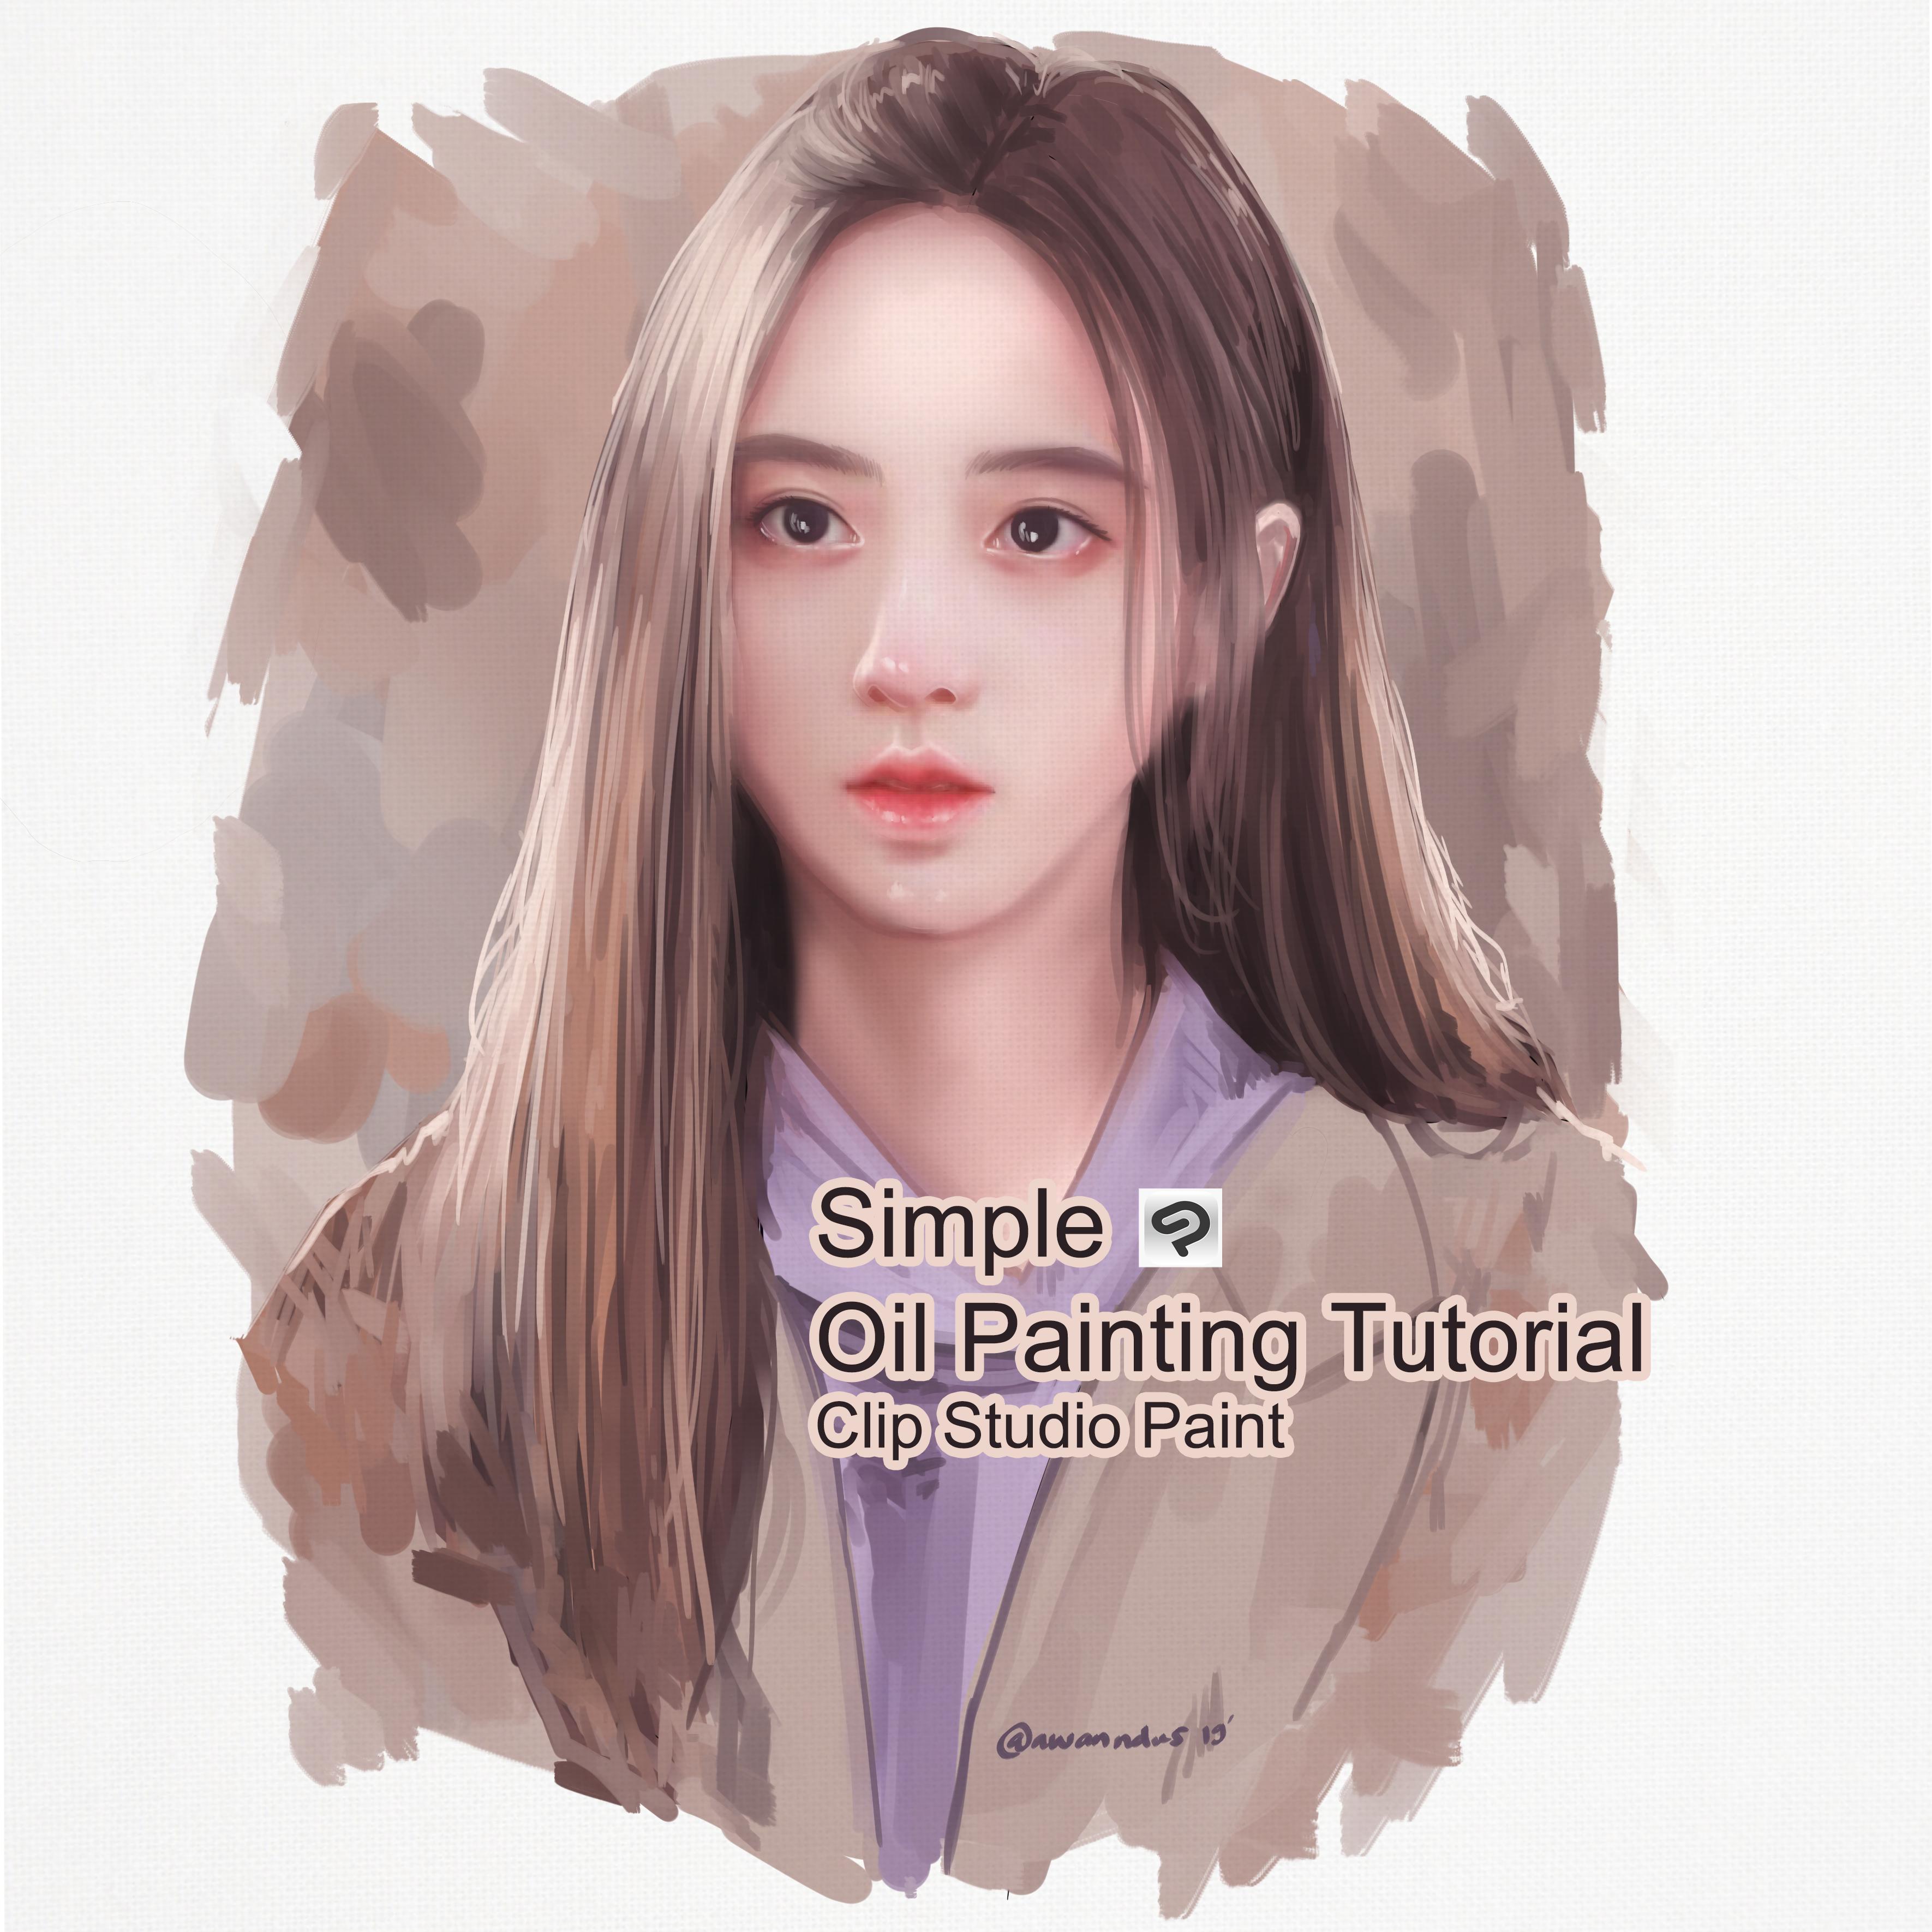 Tutorial de pintura al óleo simple